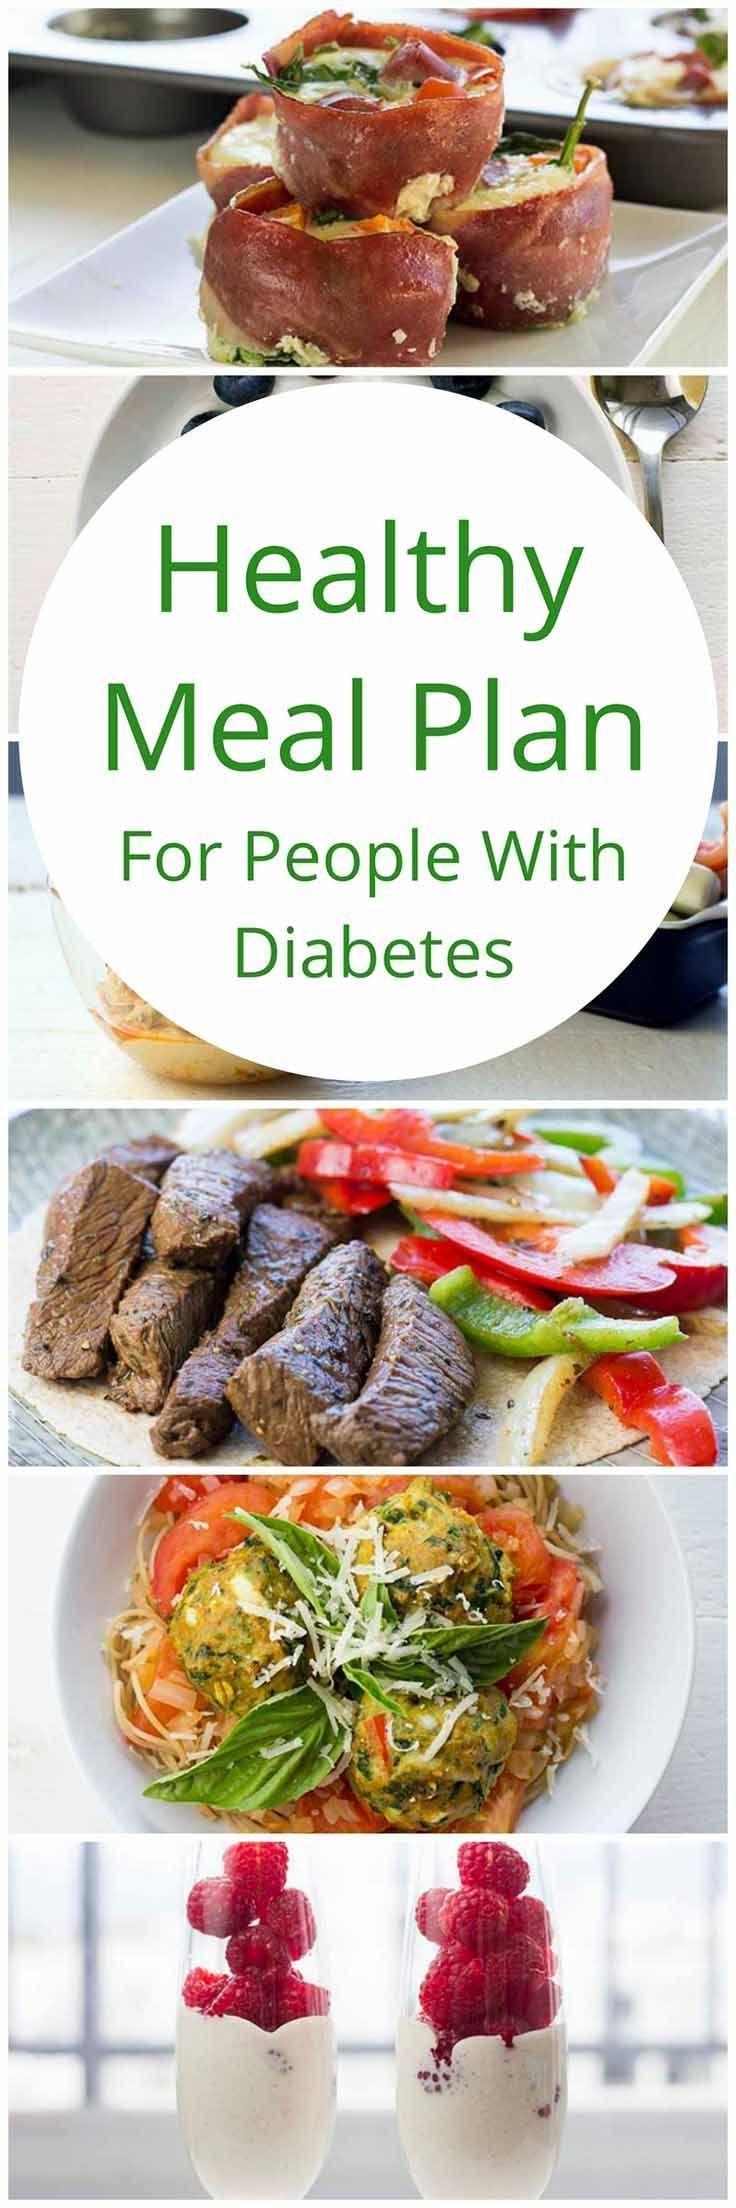 Fit With Diabetes Meal Plan #5 #diabetesmenu